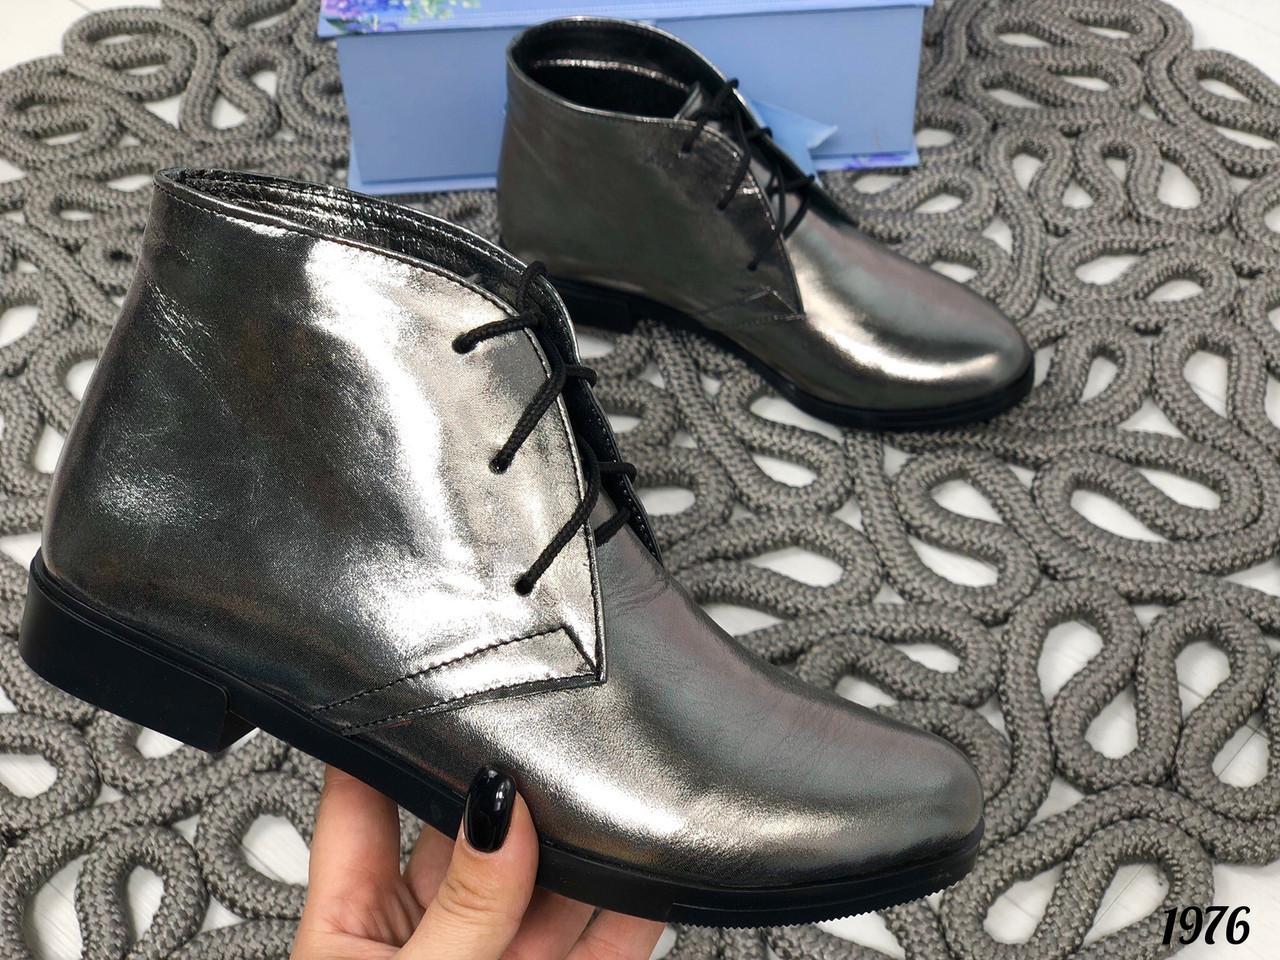 40р. Ботинки женские деми серебристые кожаные на низком ходу,демисезонные,из натуральной кожи,натуральная кожа